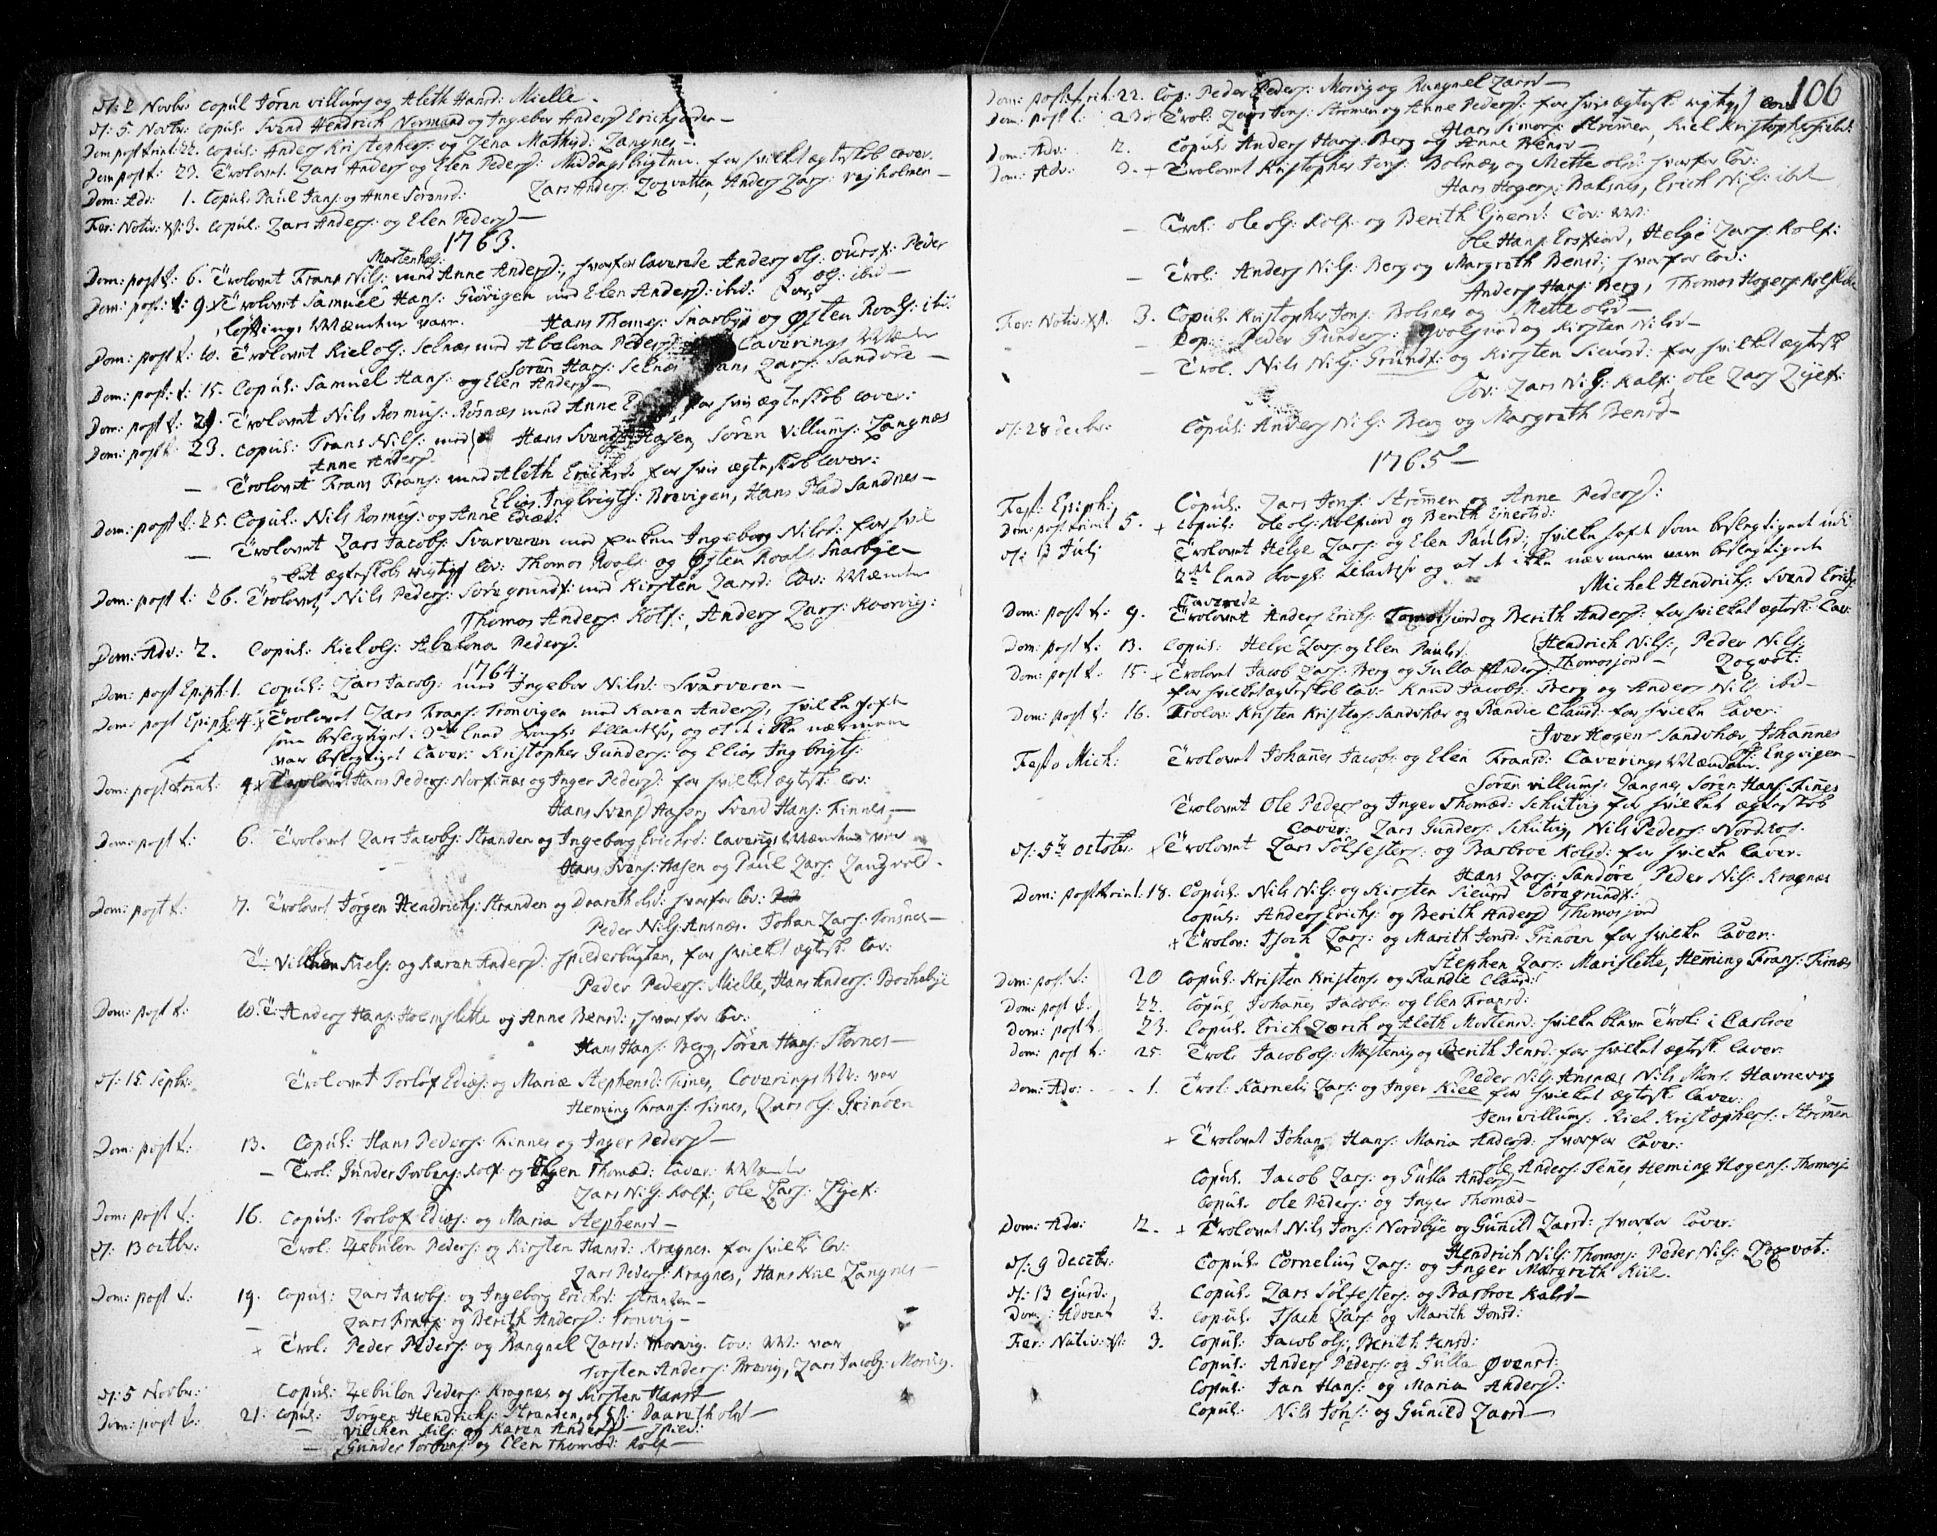 SATØ, Tromsø sokneprestkontor/stiftsprosti/domprosti, G/Ga/L0002kirke: Ministerialbok nr. 2, 1753-1778, s. 106